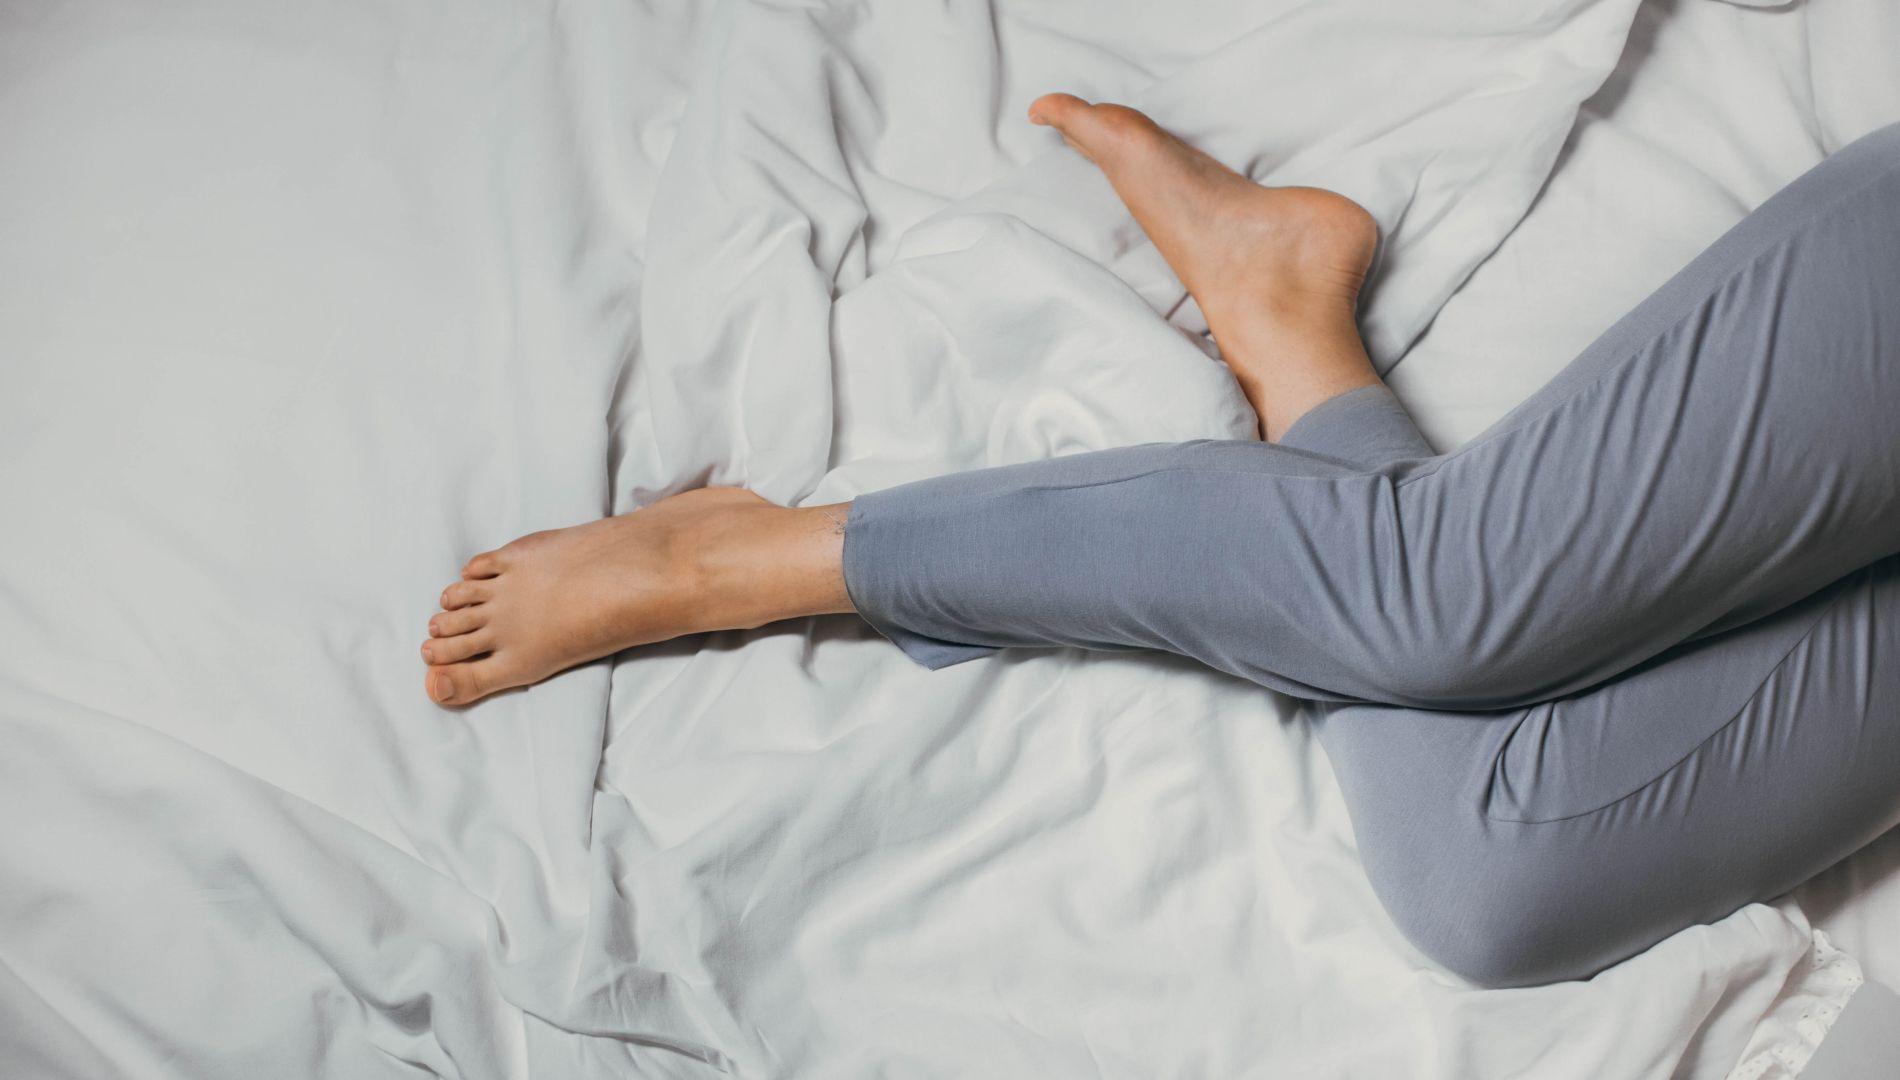 grčevi u nogama, zdravlje